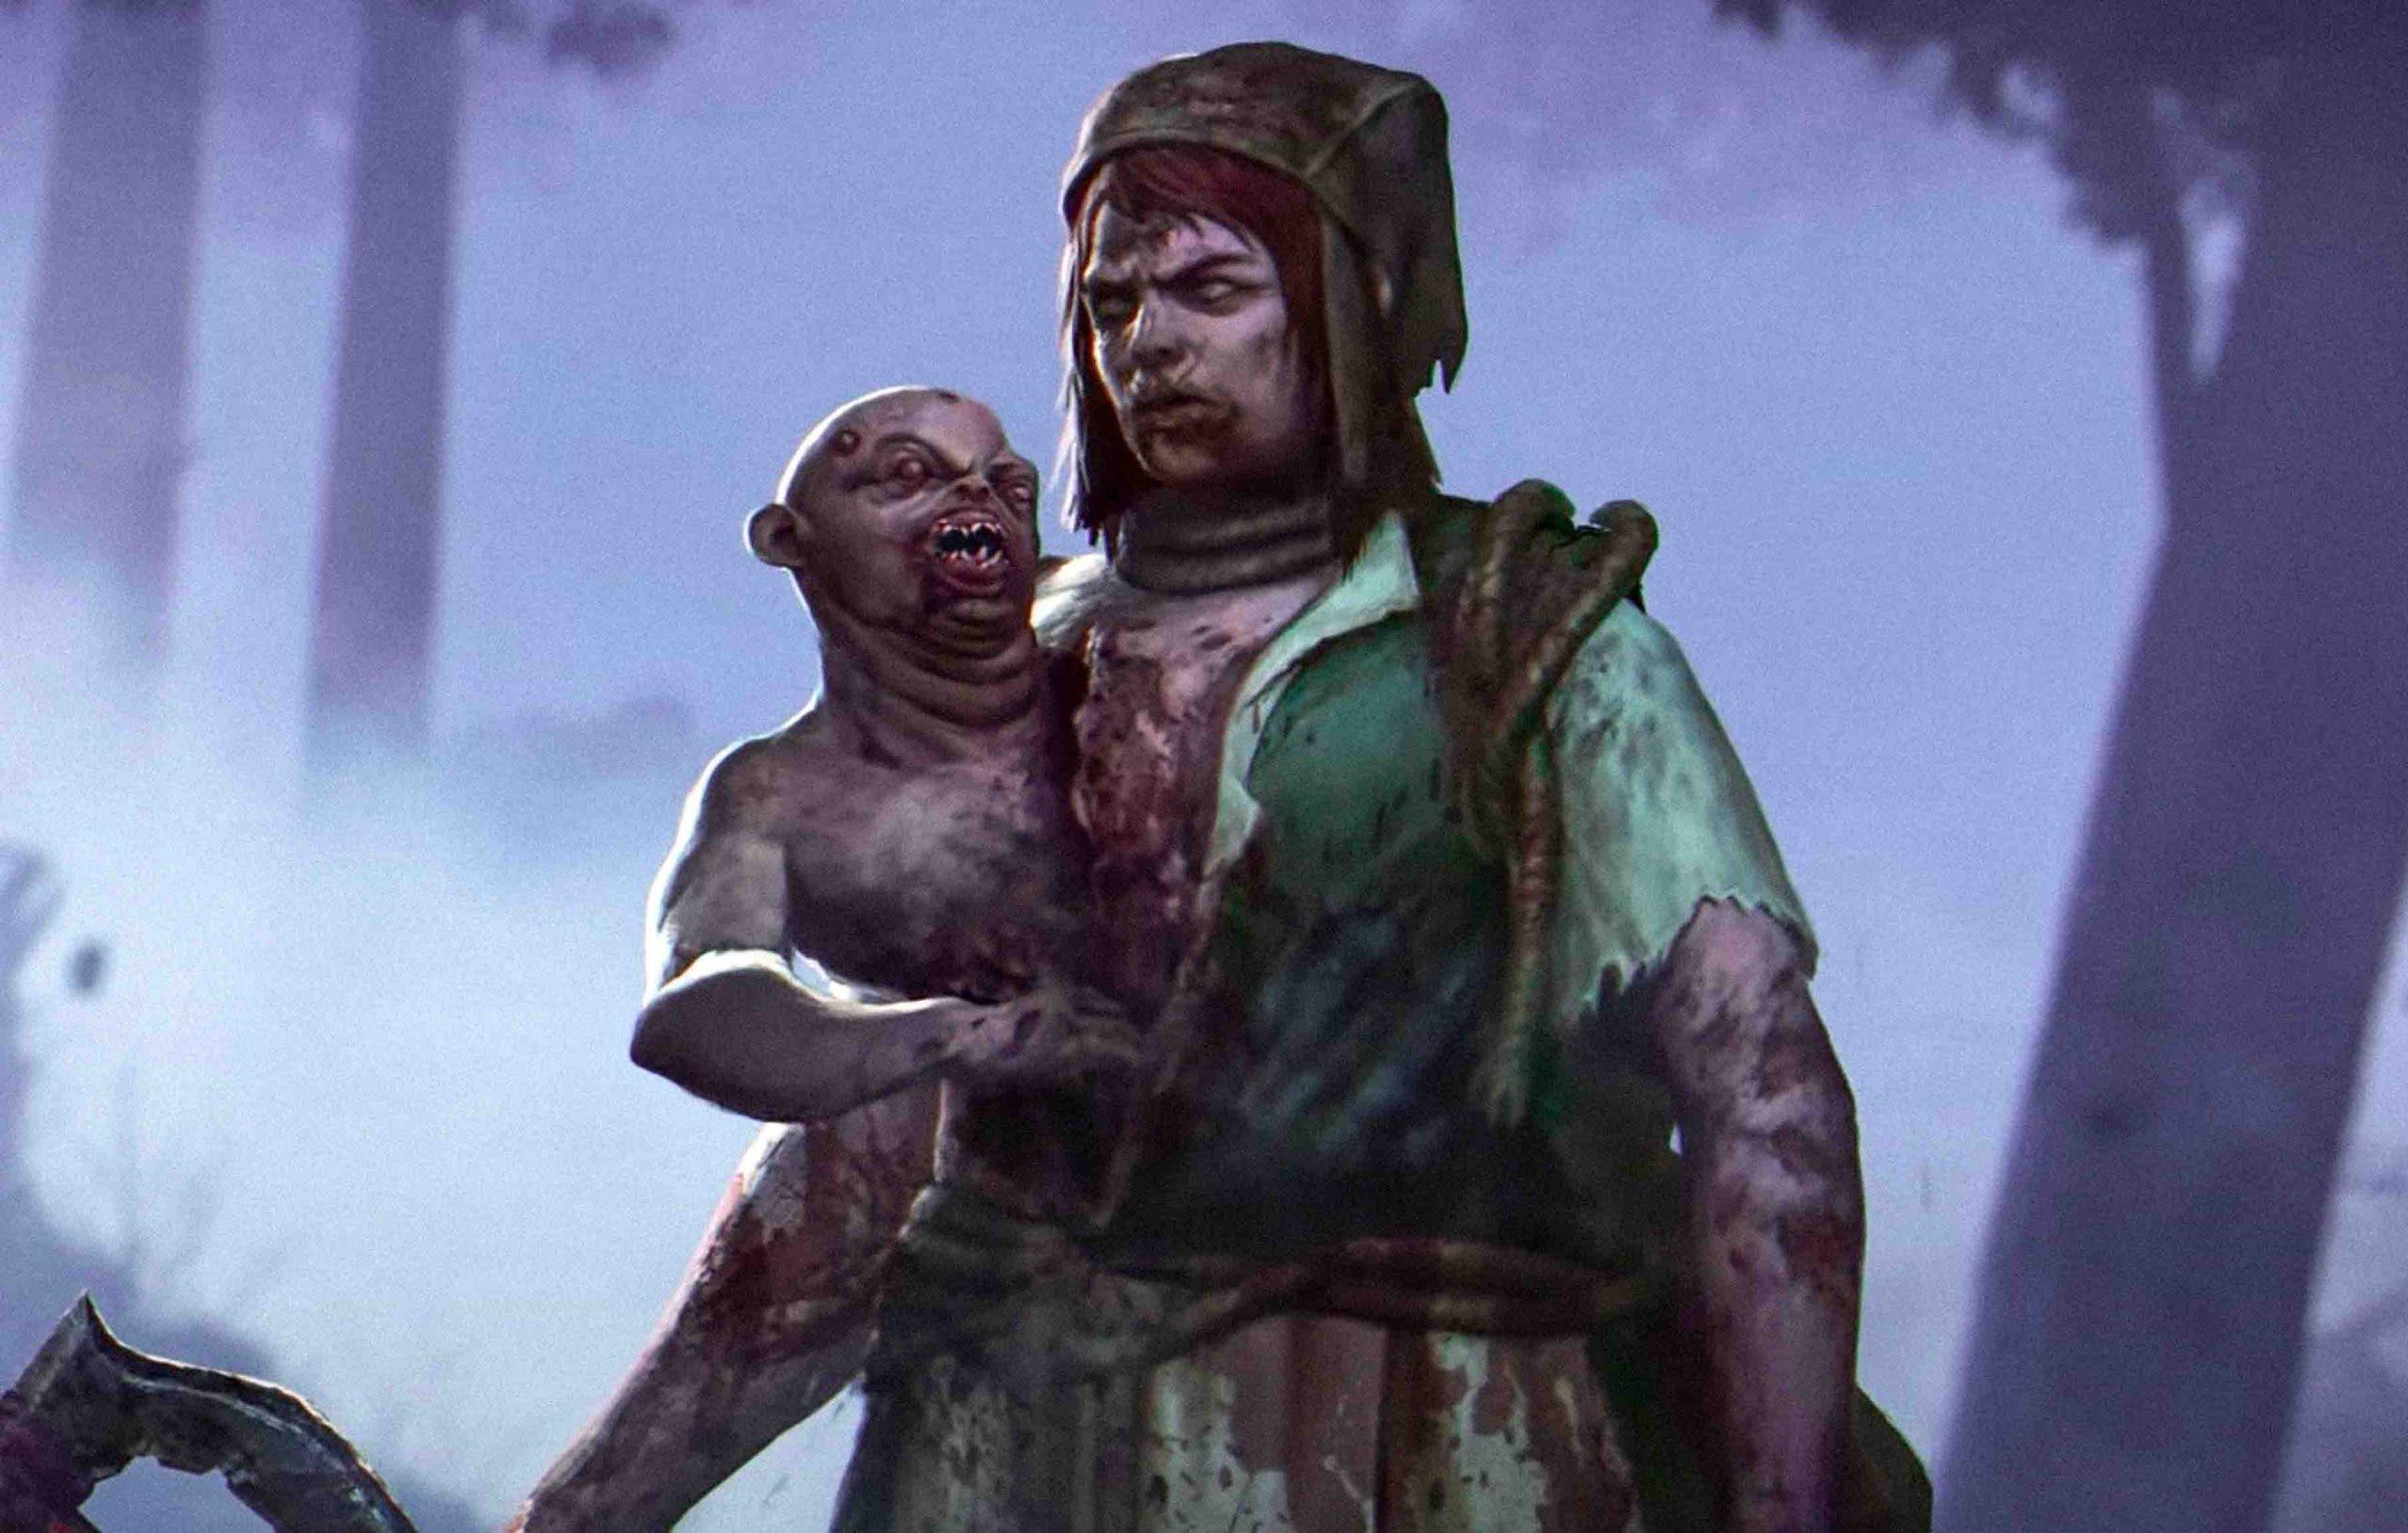 Los Mellizos ya tienen fecha de llegada a Dead by Daylight 3